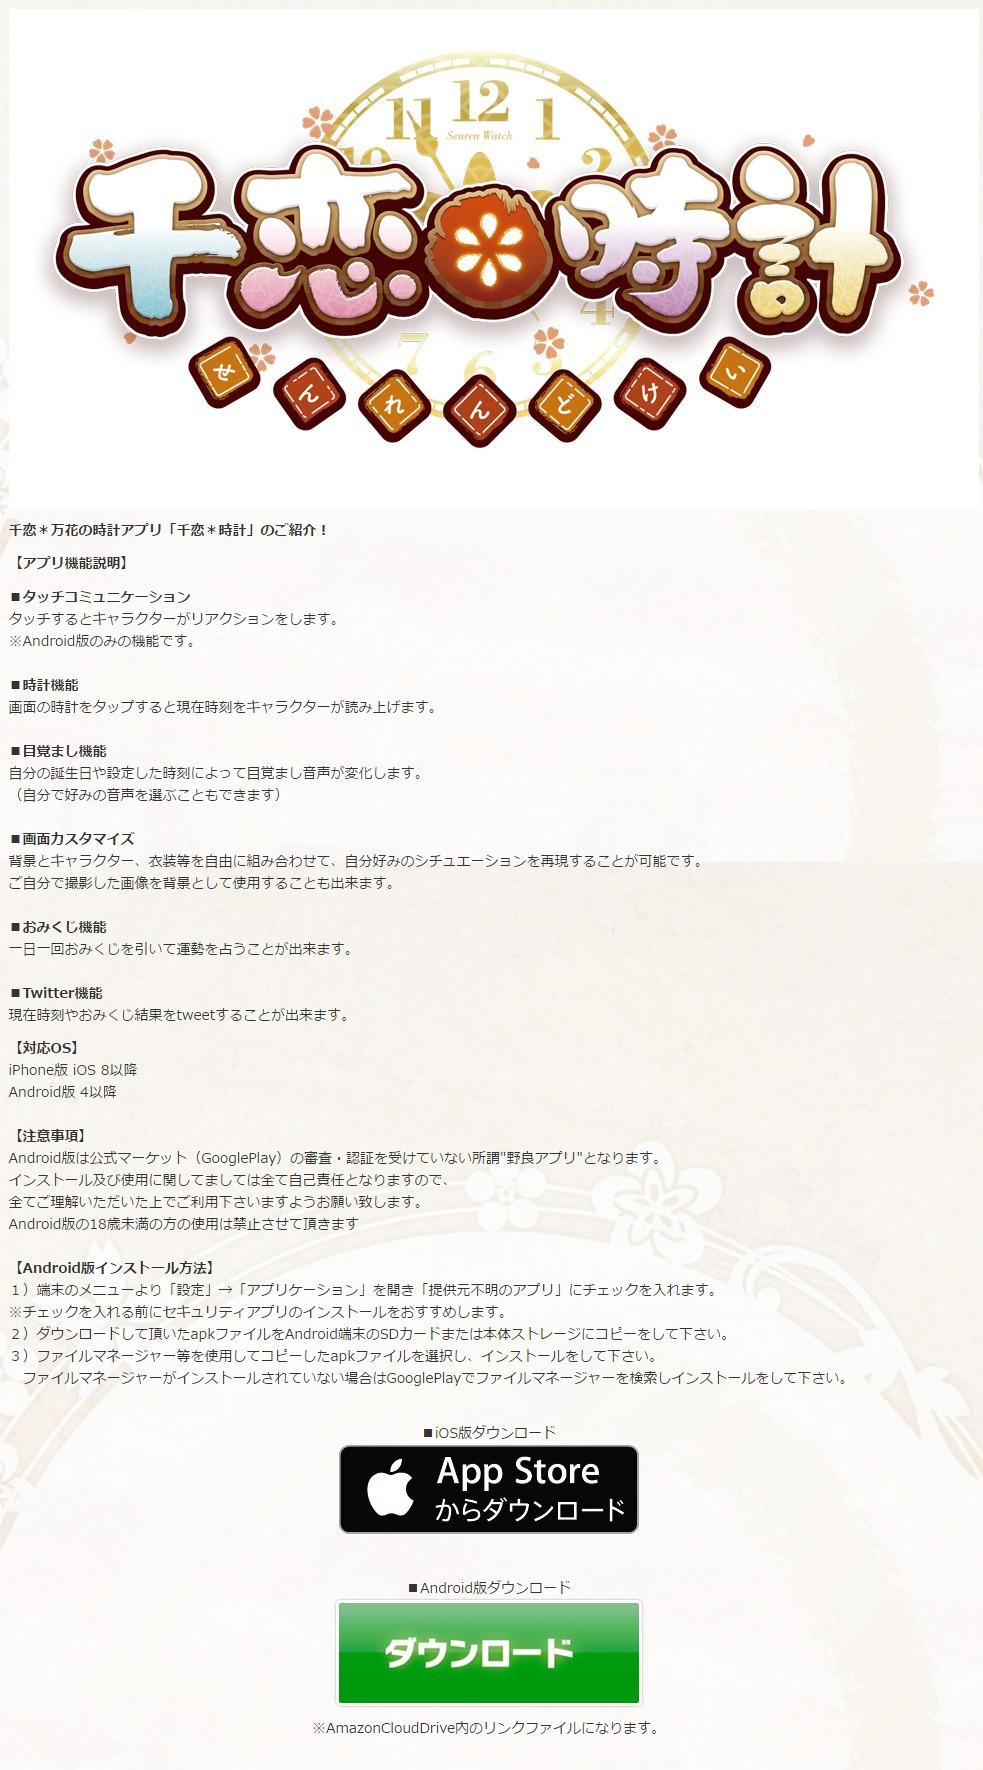 千恋*万花 OFFICIAL WEBSITE ゆずソフト